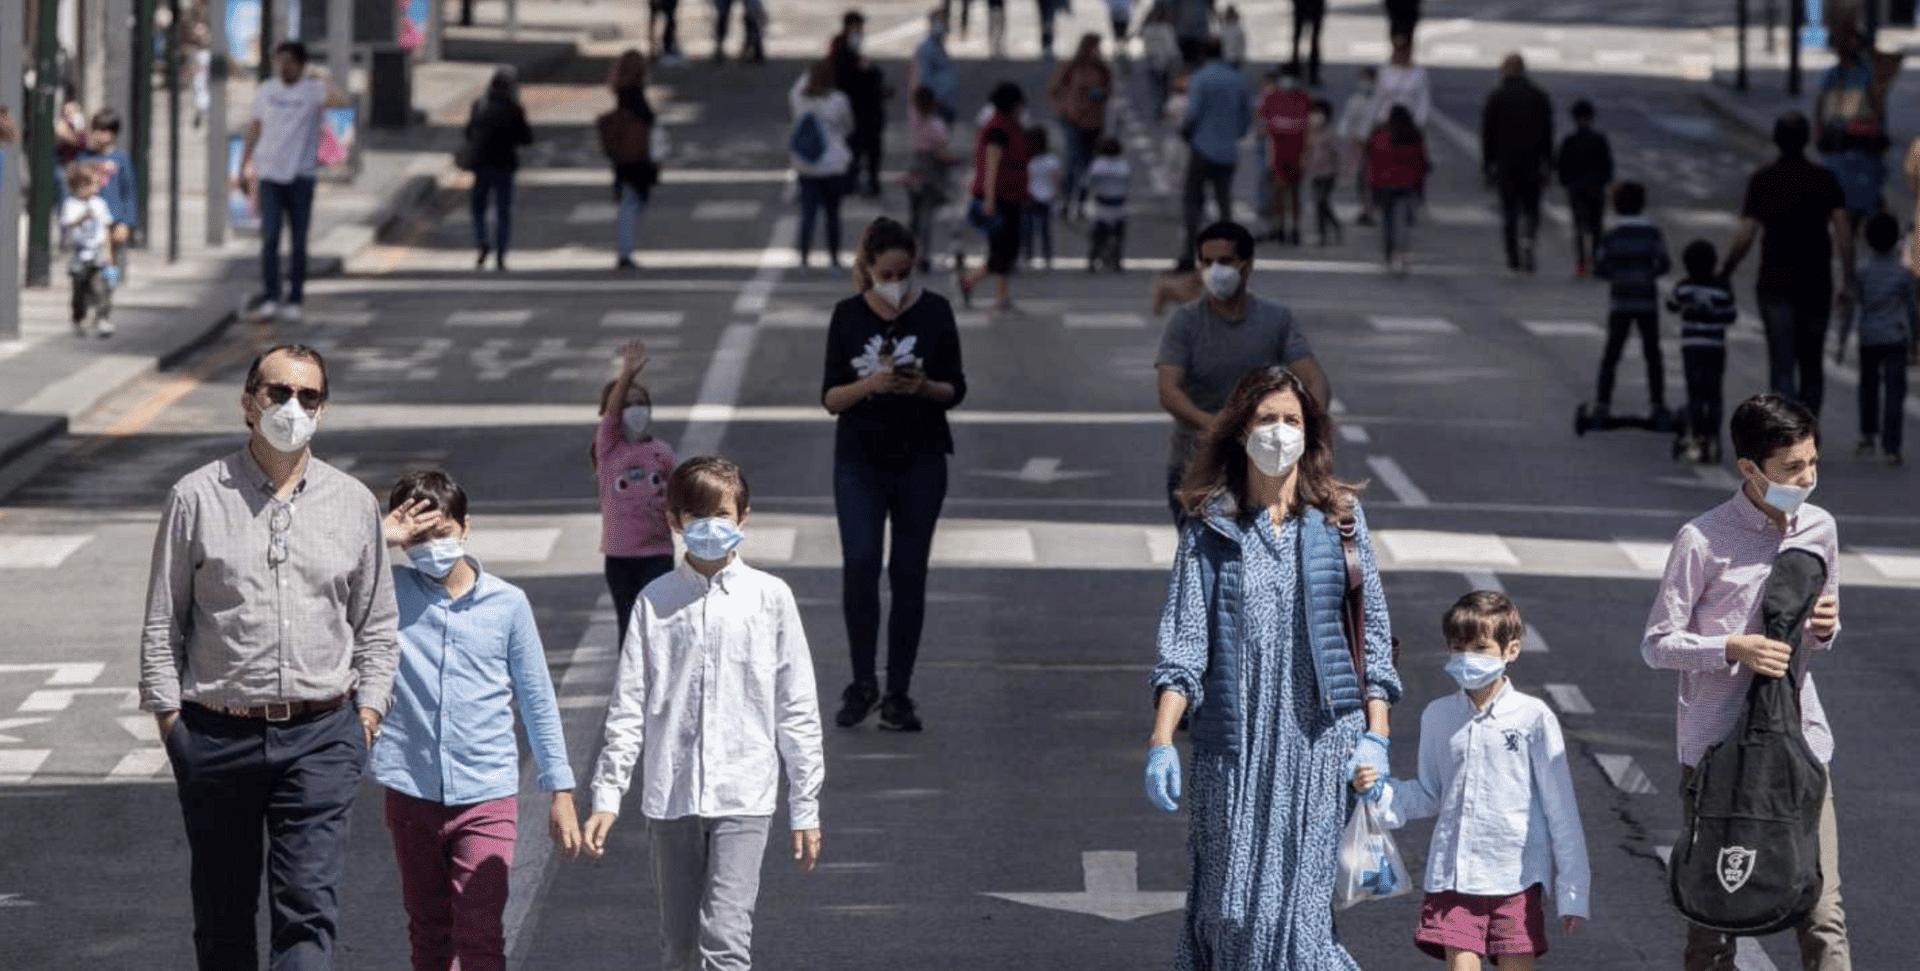 مرحلة التعايش مع الفيروس فيروس كورونا إسبانيا الوضع الطبيعي الجديد